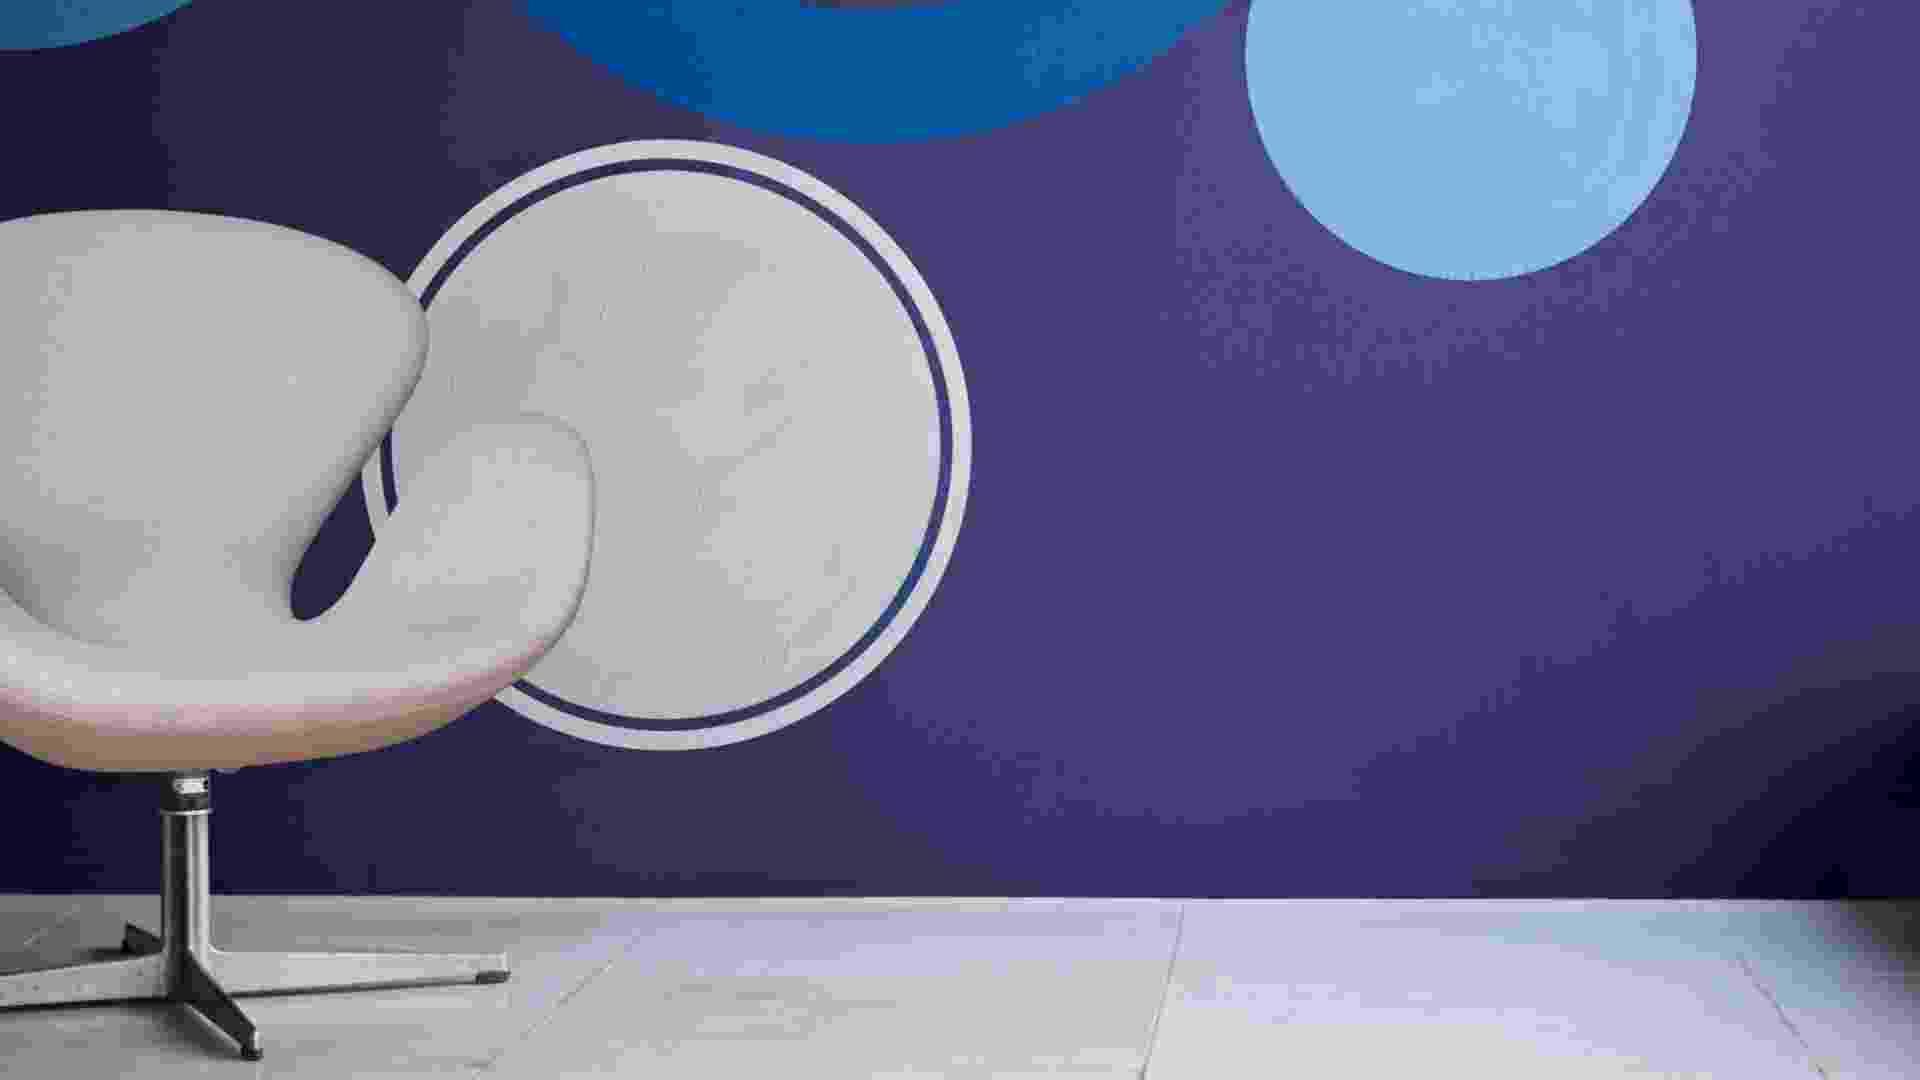 A Coral elegeu como a cor do ano de 2013 o ?Violeta Inspirado? ? um tom de índigo que possui influência do violeta. O diretor de marketing da empresa, Benito Berretta, a define como uma cor versátil porque permite combinações com tons brilhantes do mesmo nível de saturação, com cores cítricas, tons neutros mais quentes e também outros roxos, verdes e azuis - Divulgação